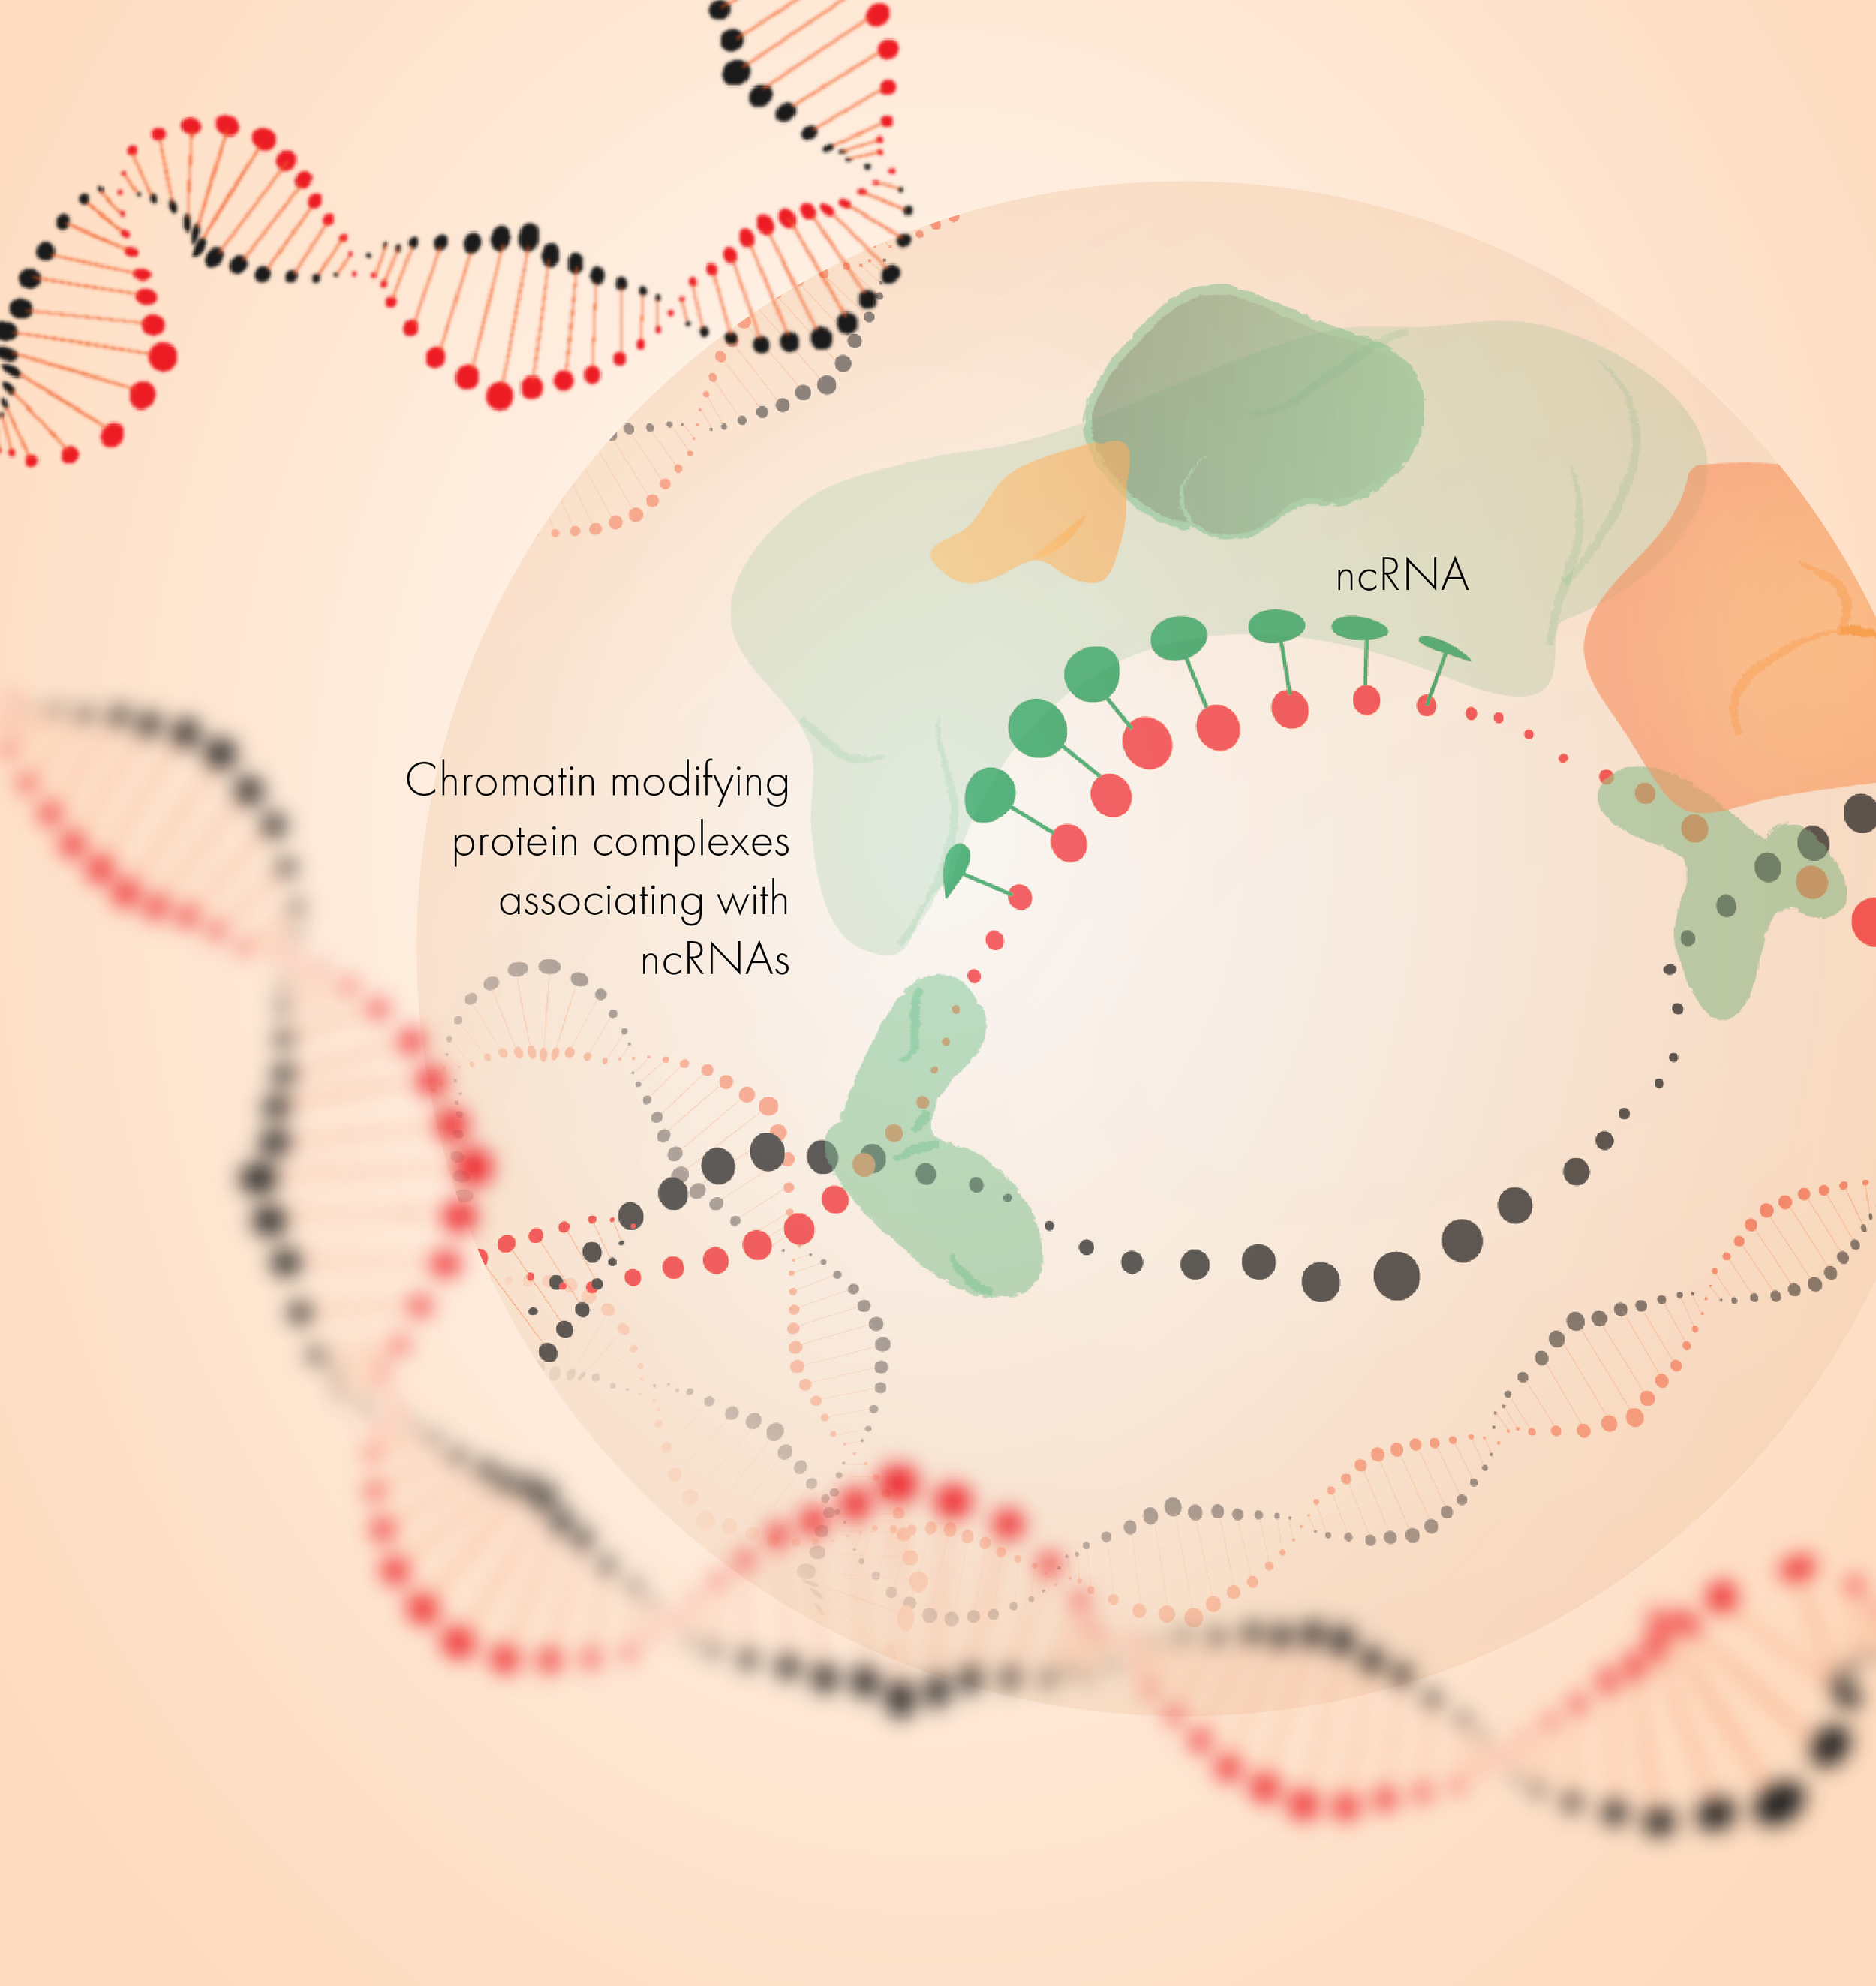 ncRNA mediated transcriptional regulation - 2D ILLUSTRATION